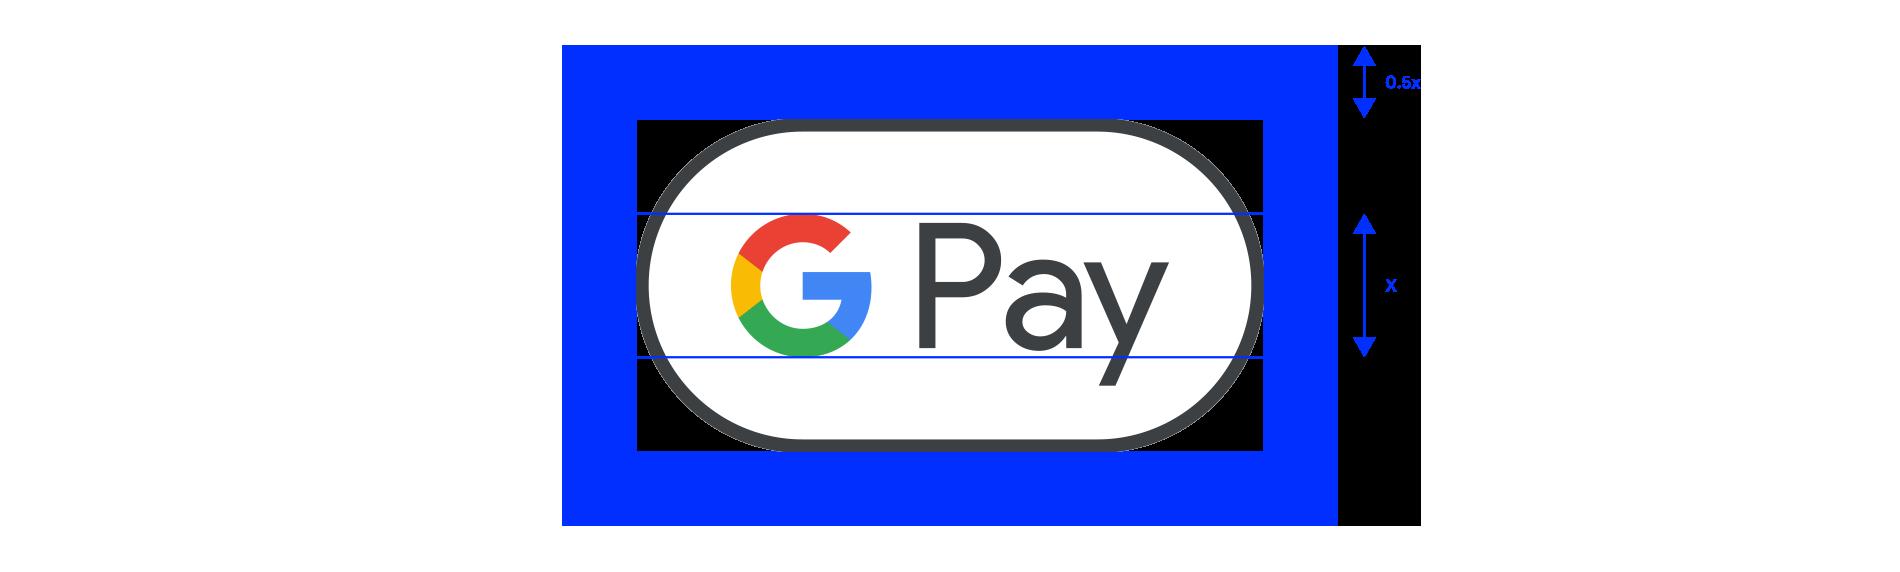 Пример свободного пространства вокруг символа Google Pay